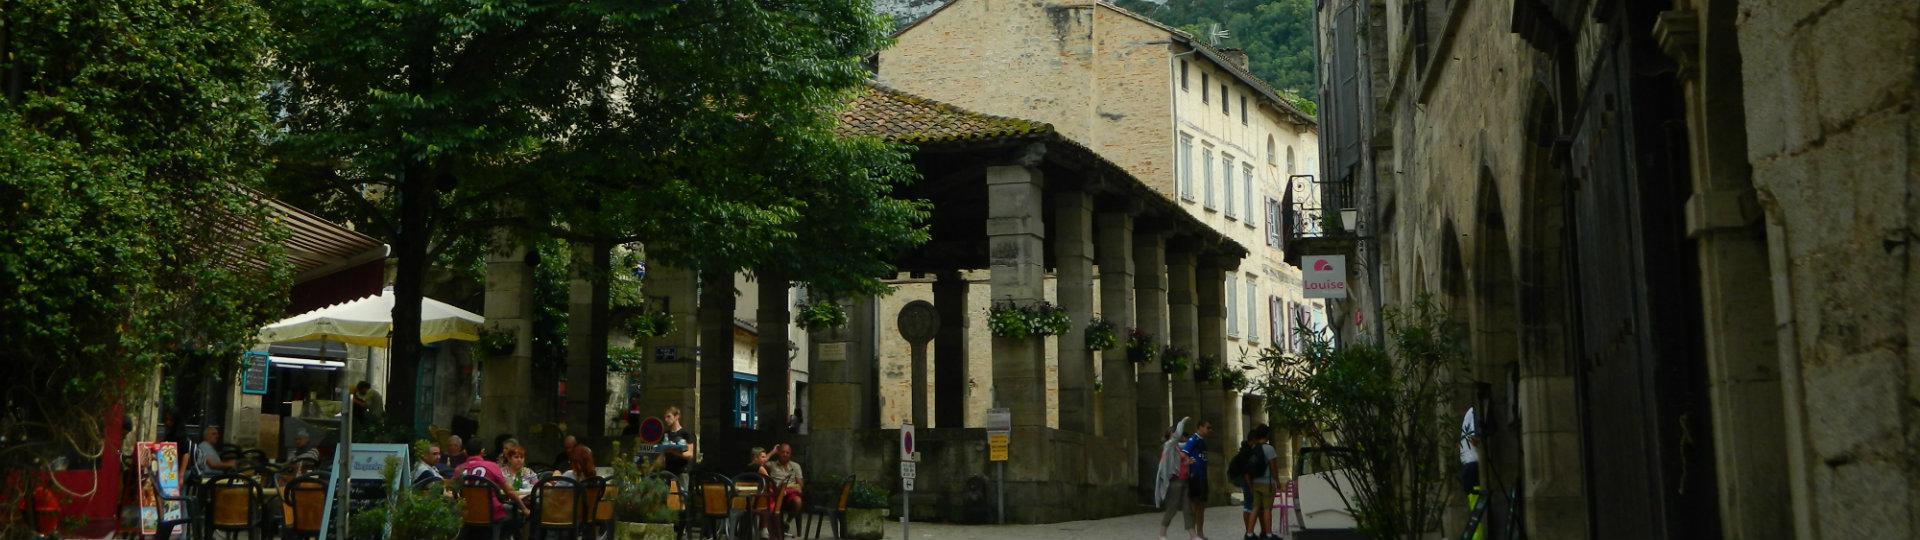 place-de-la-halle,-st-antonin-noble-val-2